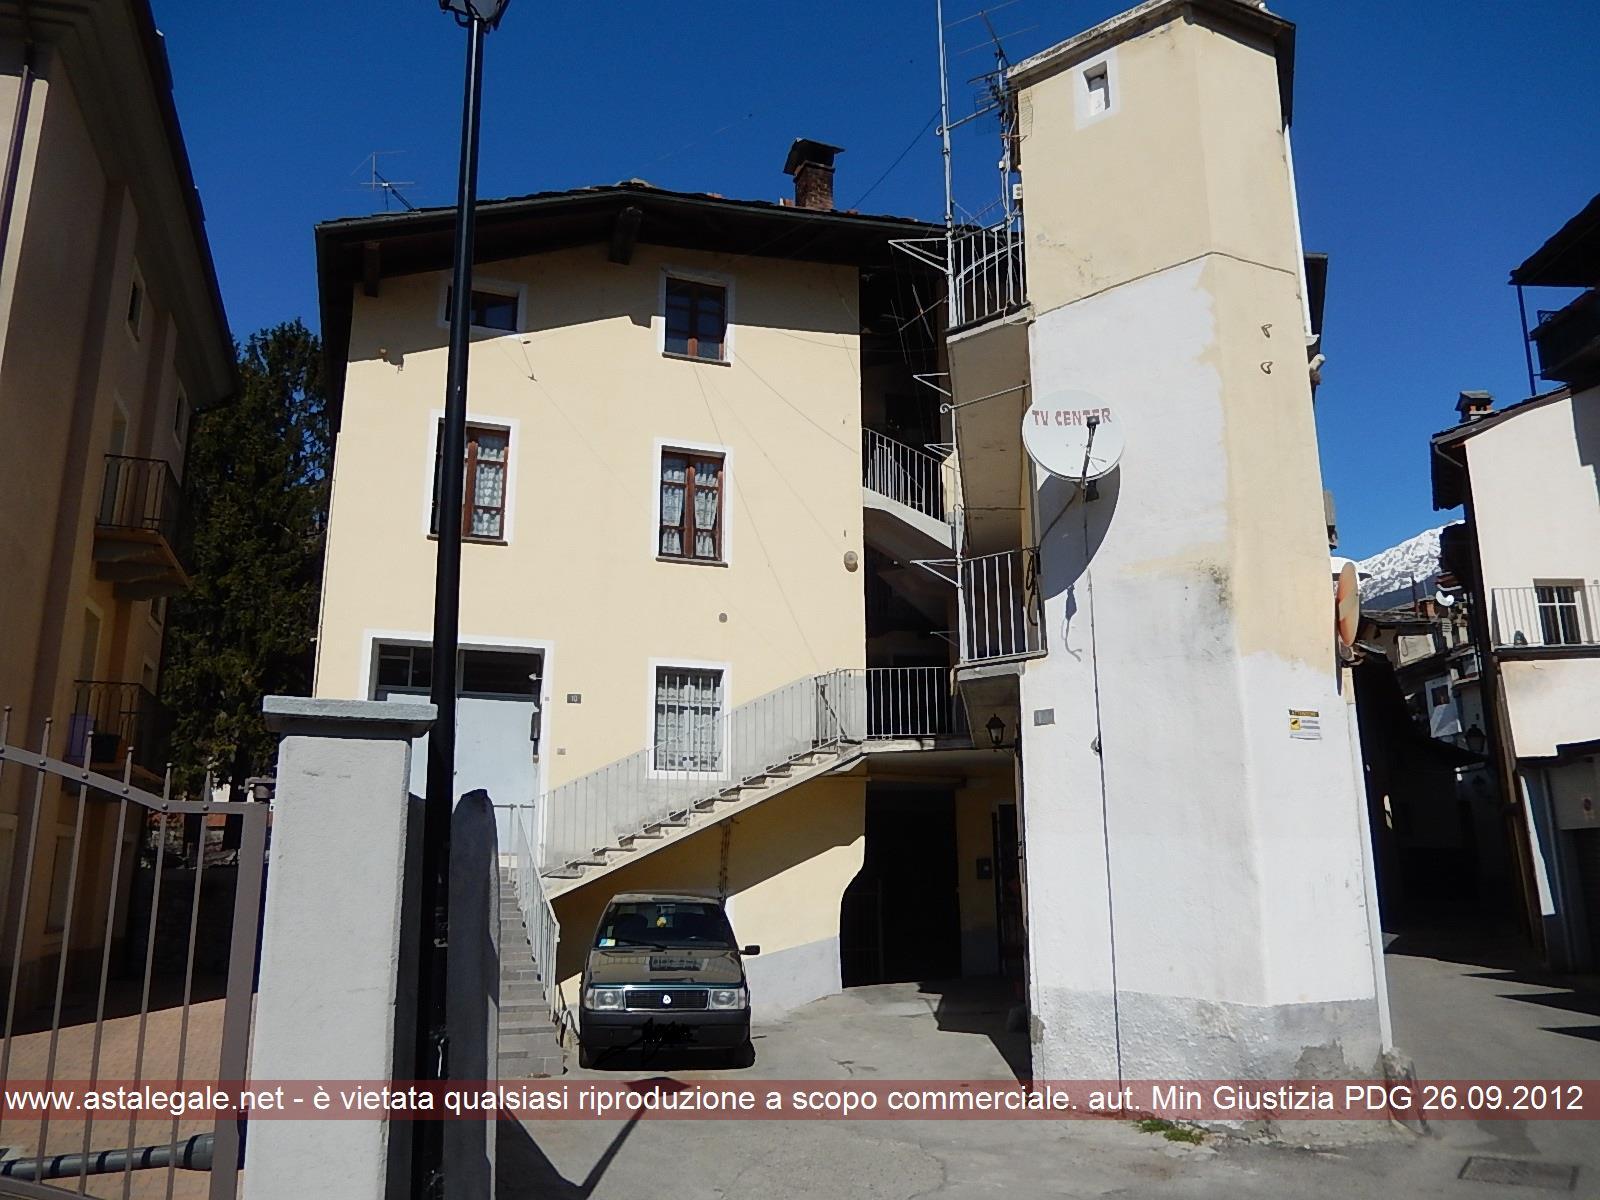 Aosta (AO) Via Malherbes 10